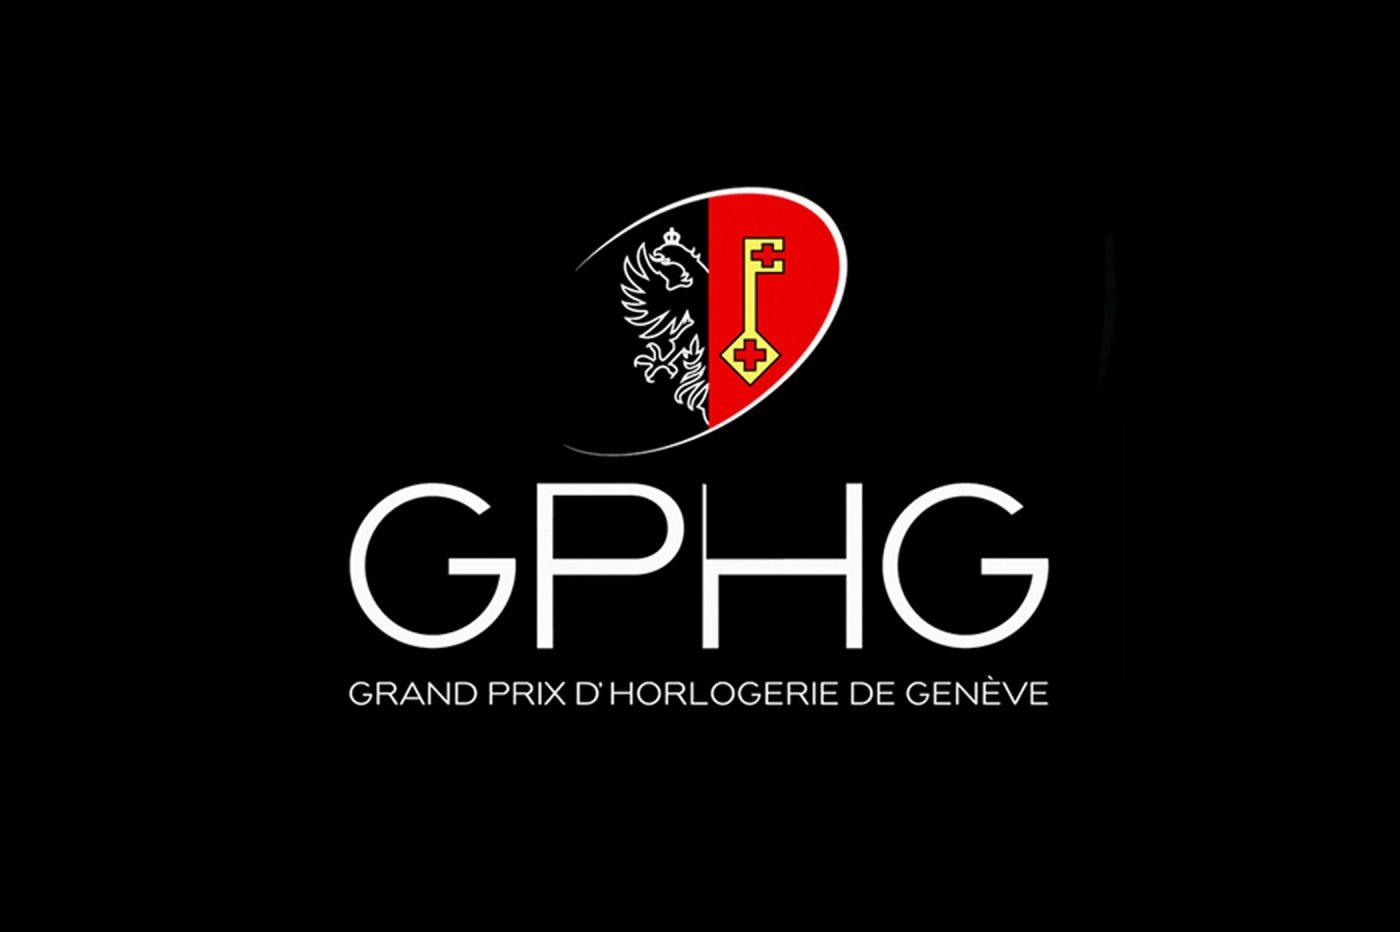 Grand Prix d'Horlogerie de Geneve 2018